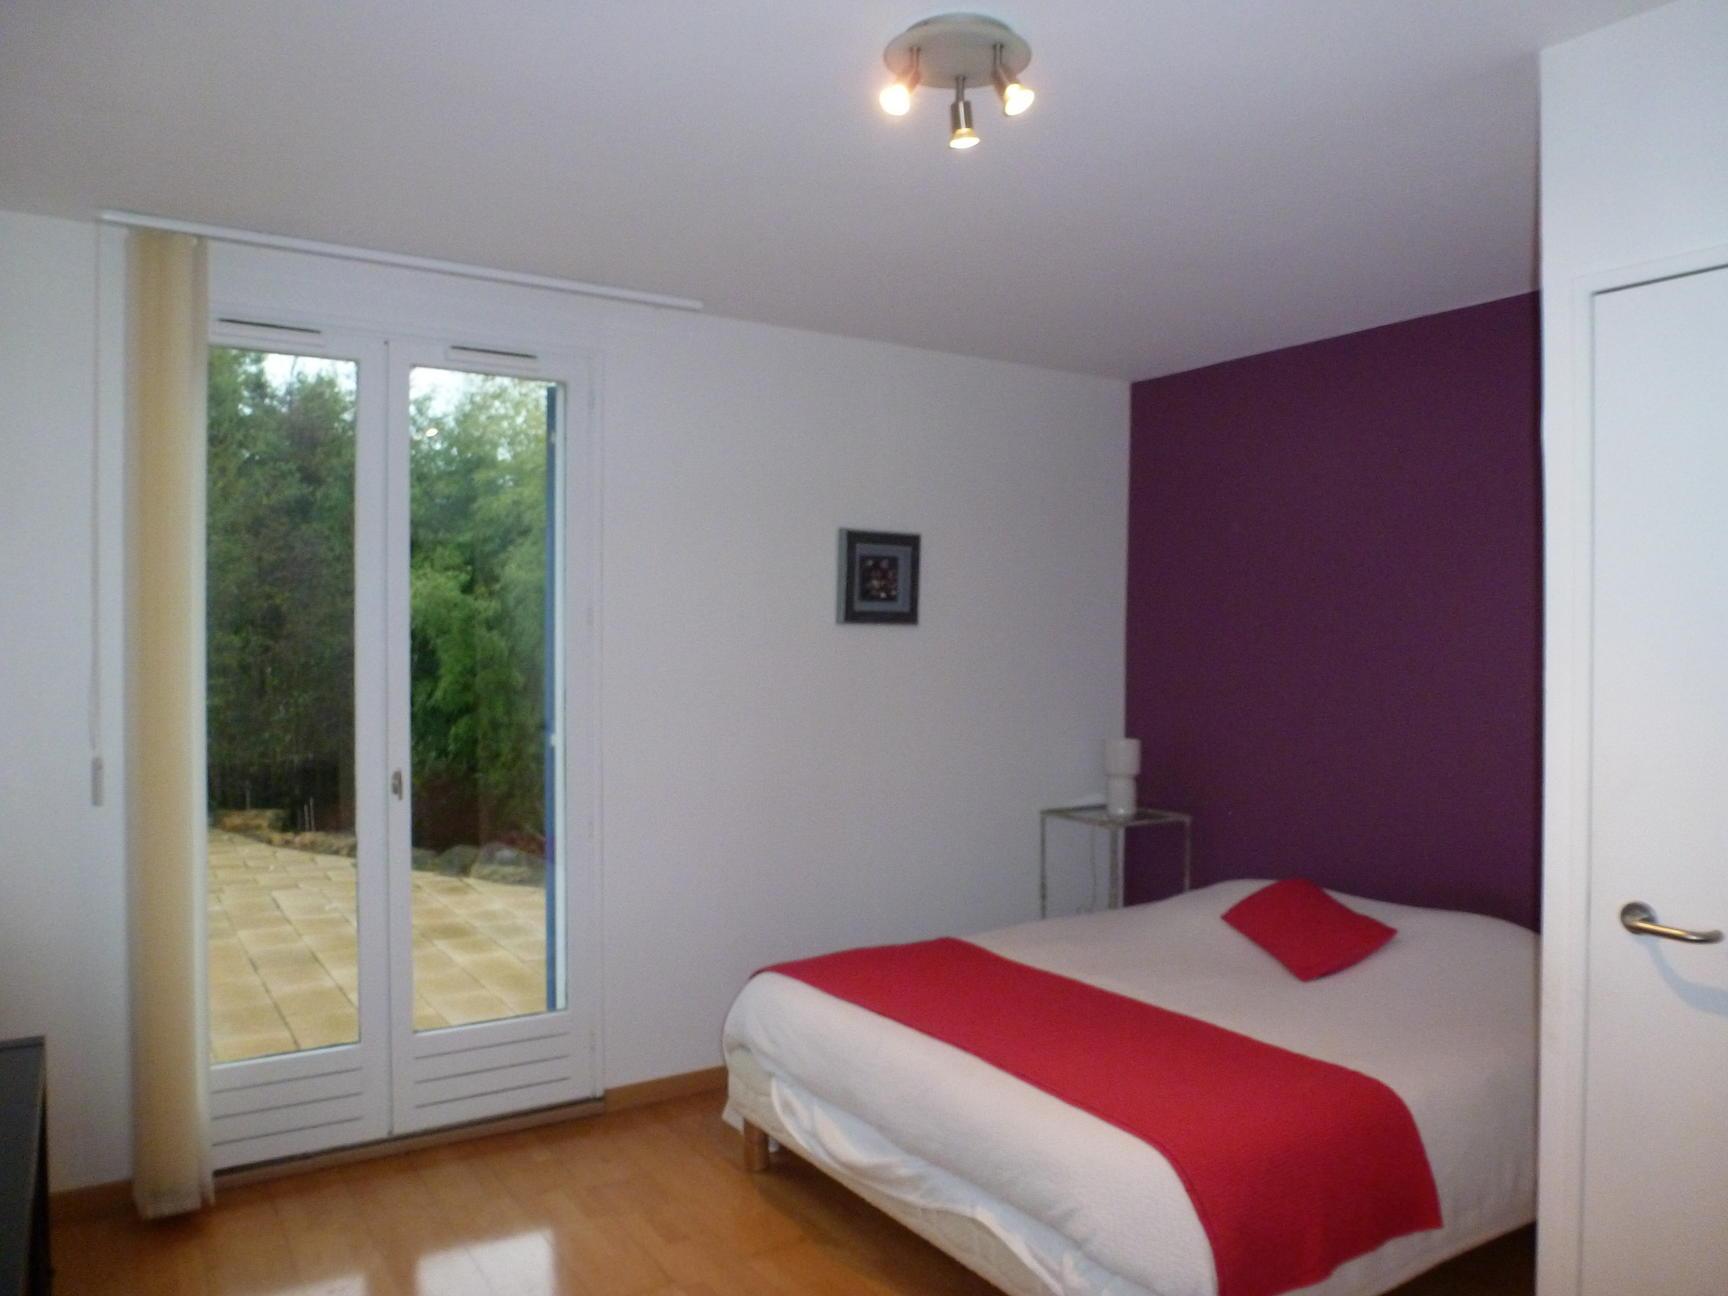 villa 5 pièces 132 m2 - La Tour-de-Salvagny